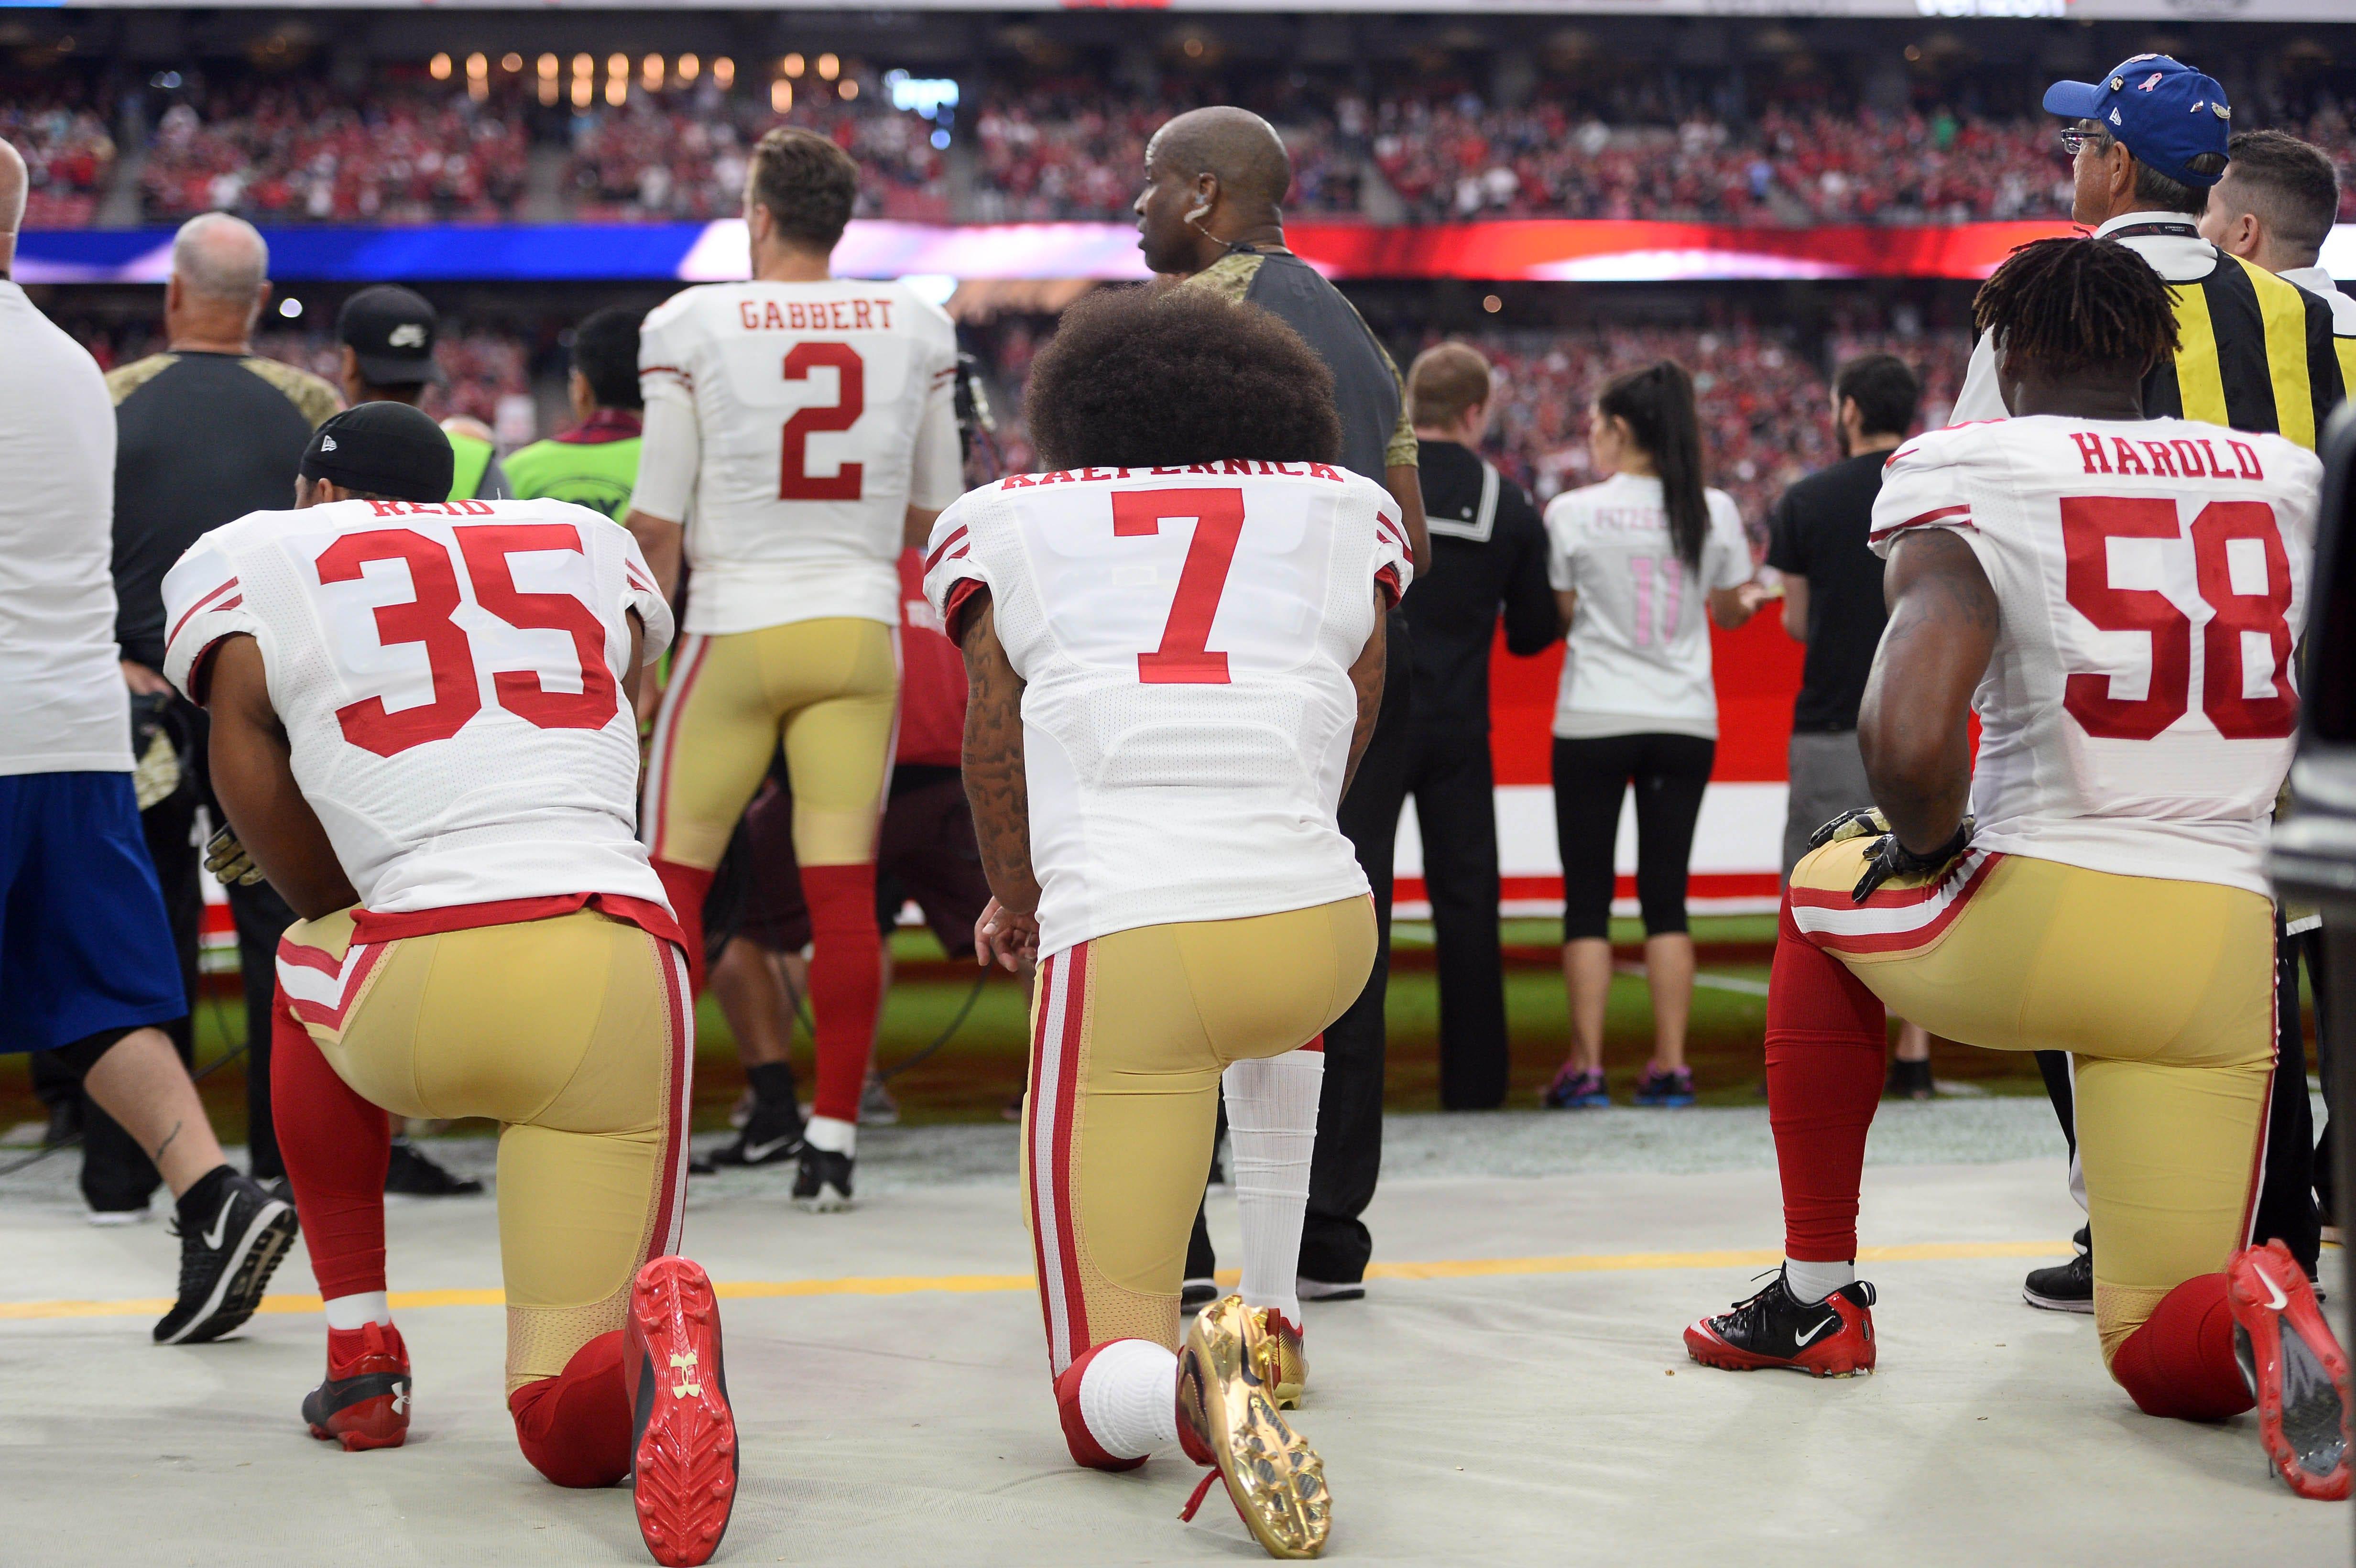 In NFL ratings, good football trumps politics